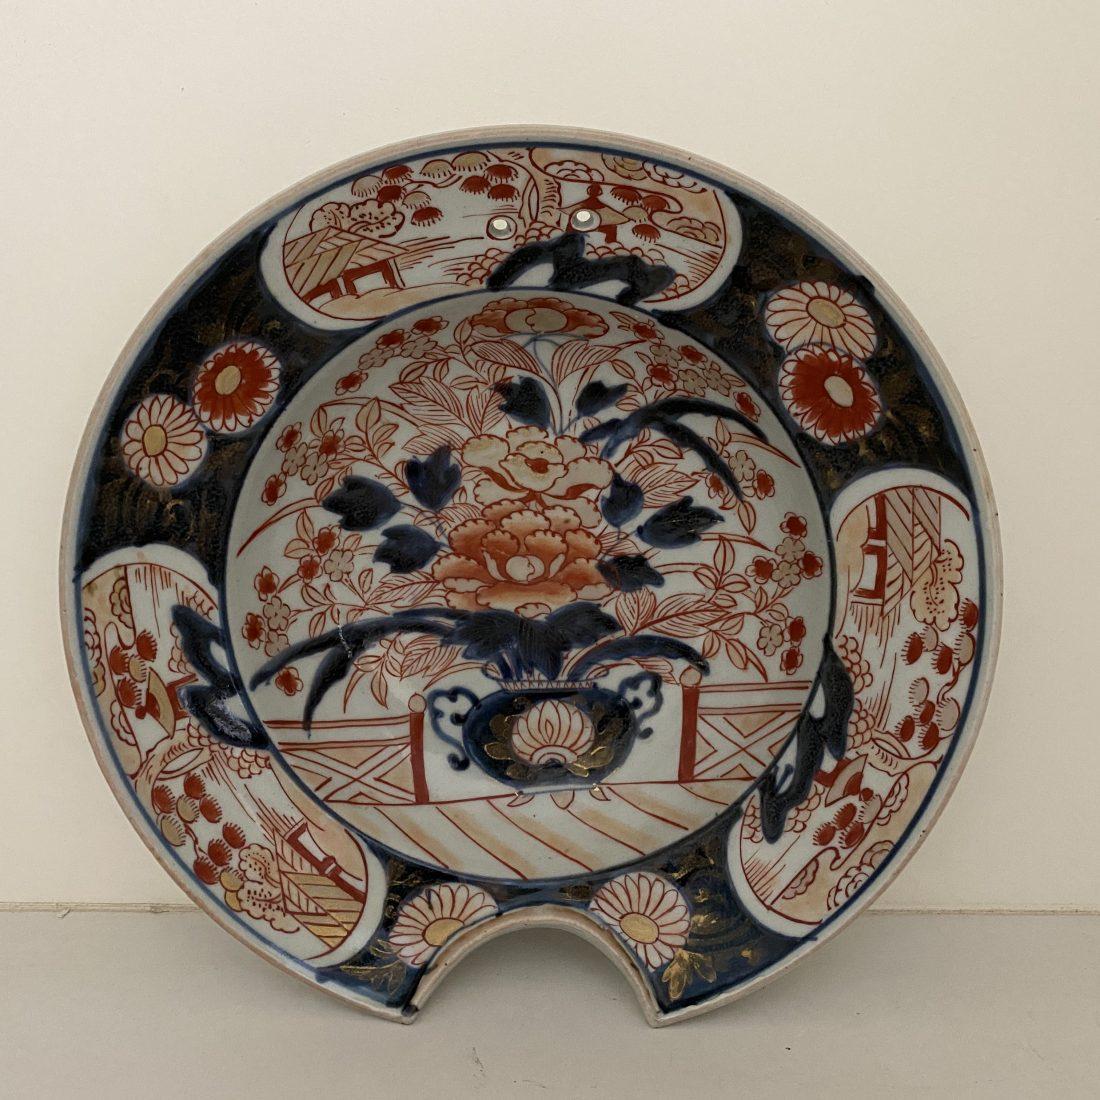 Grote Imari porseleinen scheerbekken, Japan, 18e eeuw